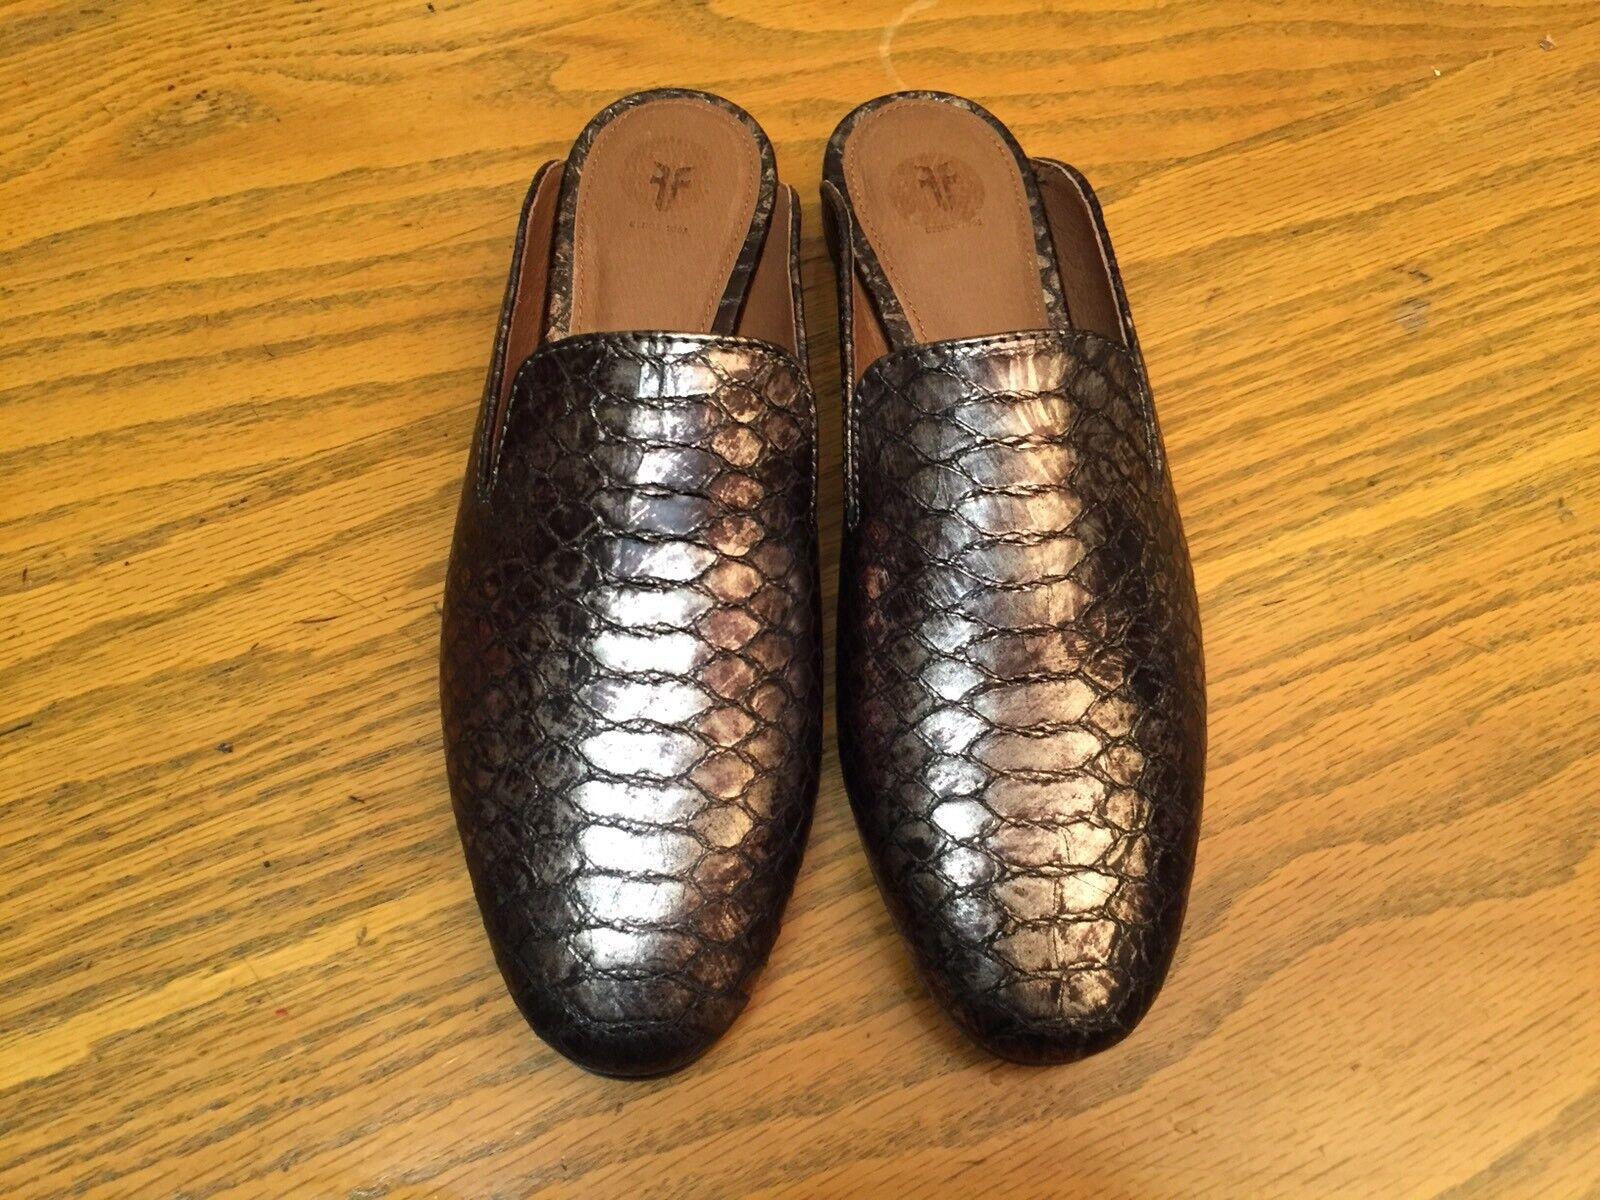 economico e di alta qualità FRYE TERRI donna SLIP SLIP SLIP ON LEATHER MULE scarpe NEW Dimensione 7  negozio online